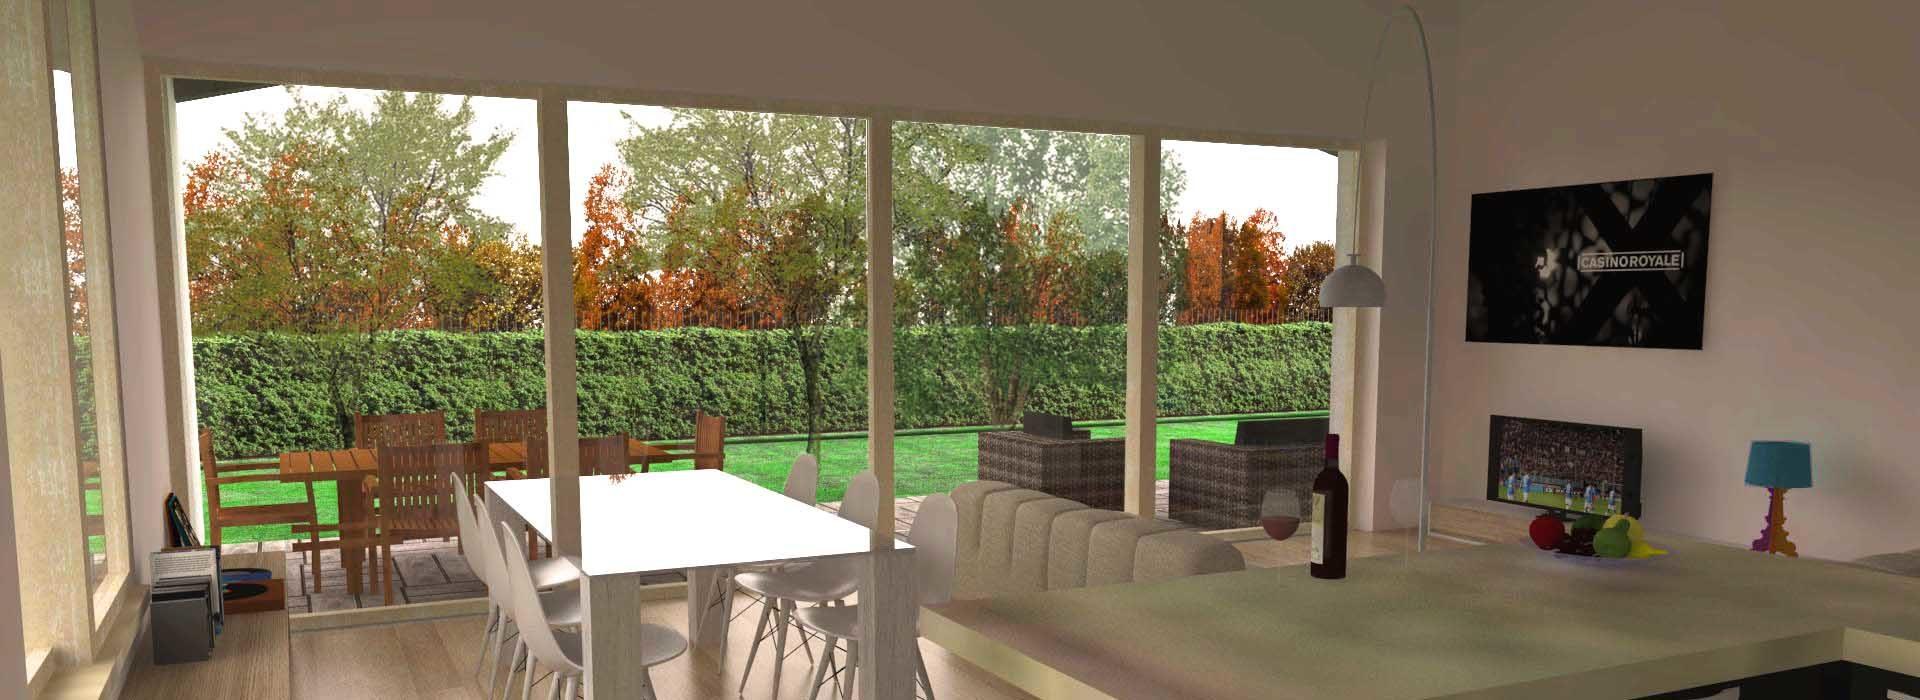 Villa via Pialorsi interno - Beni Immobili srl